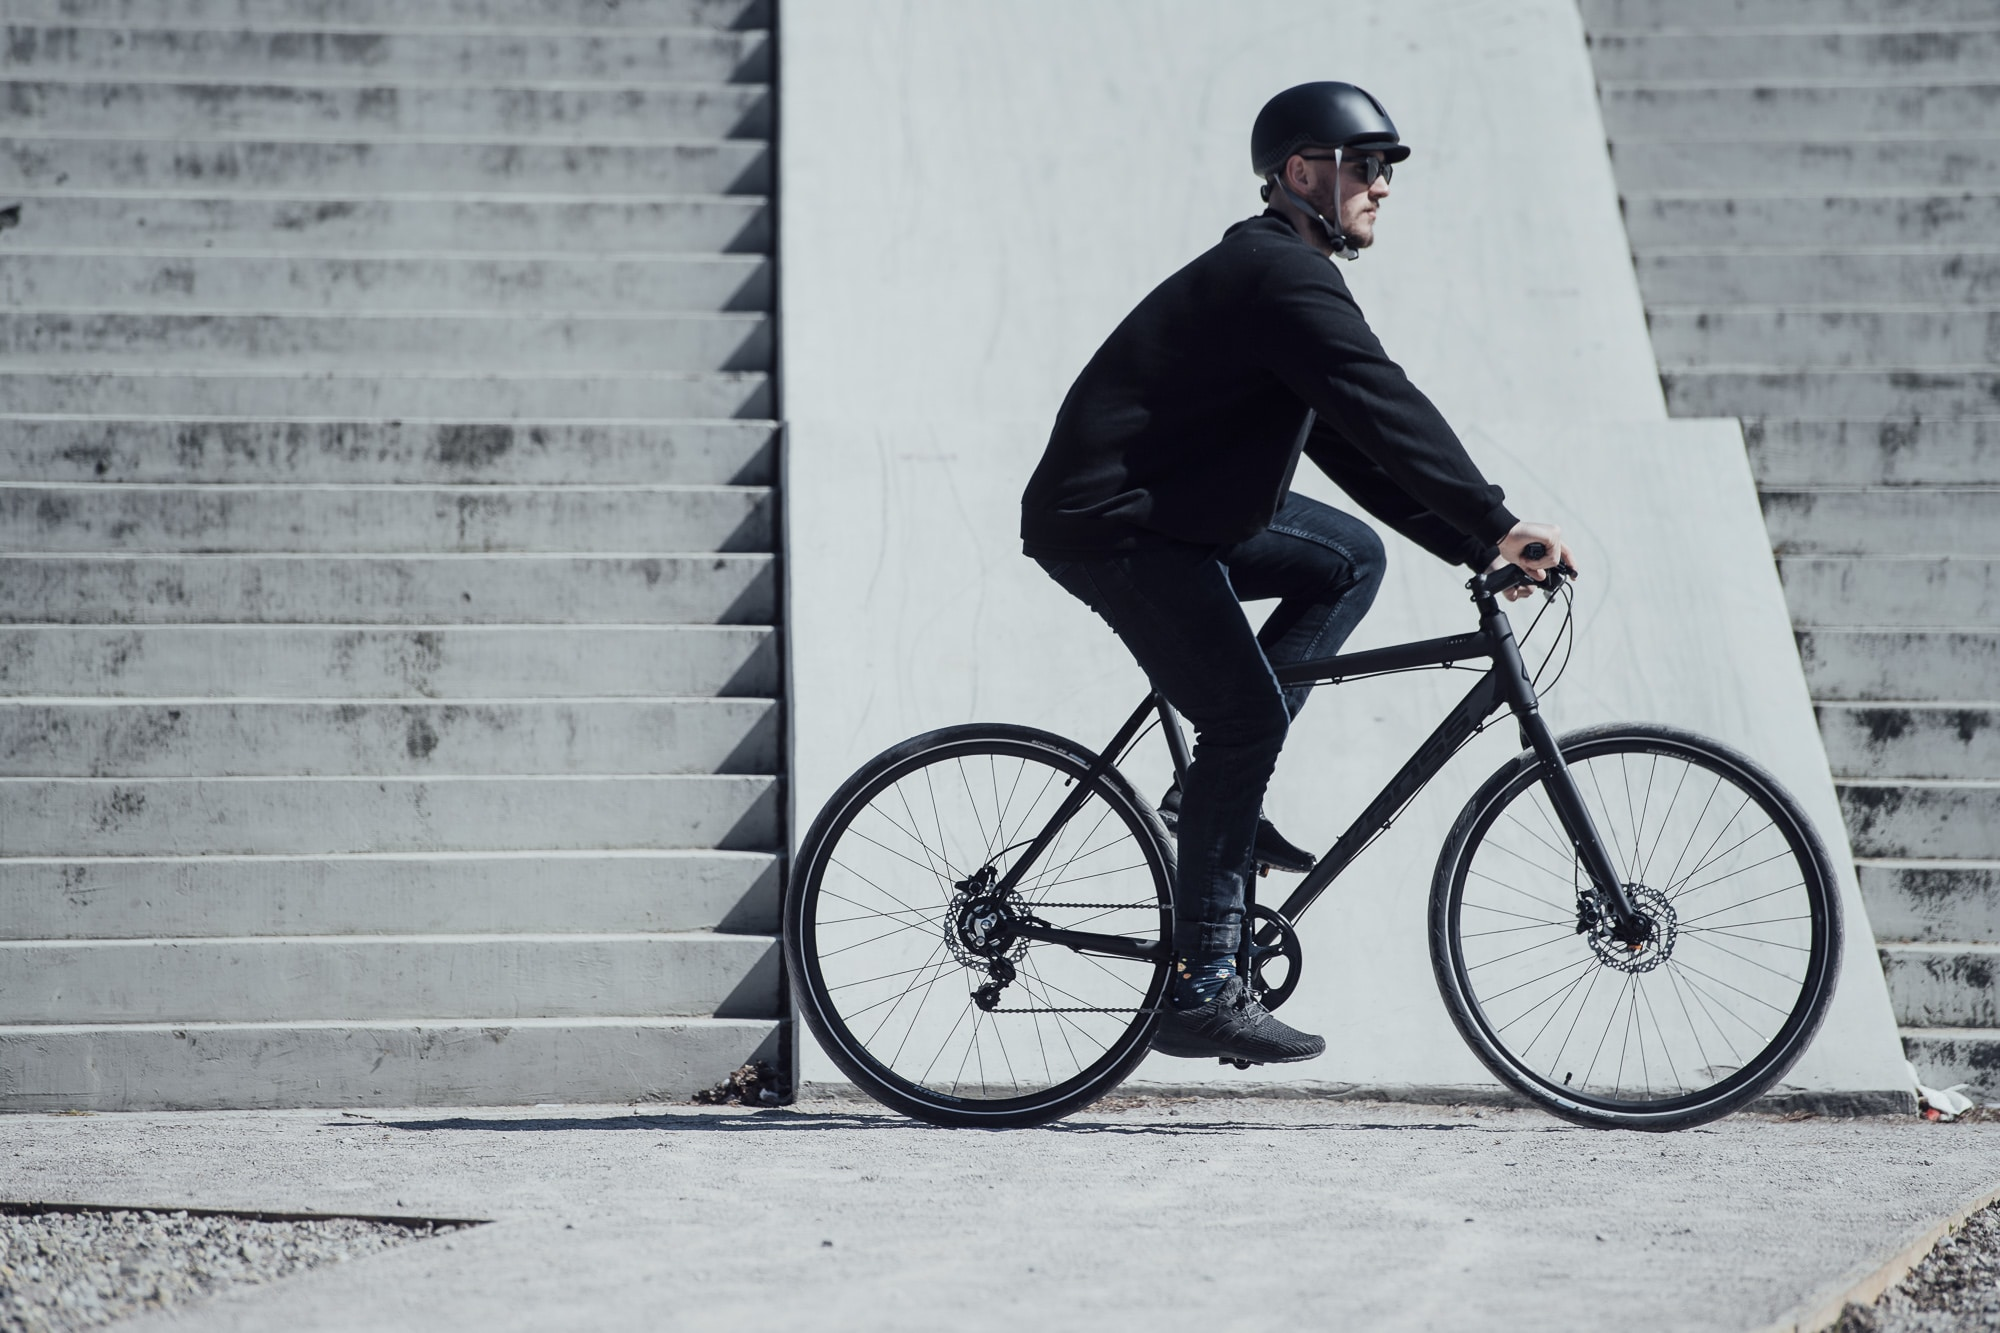 Możliwości rowerów urban. Nowe rozwiązanie do miasta